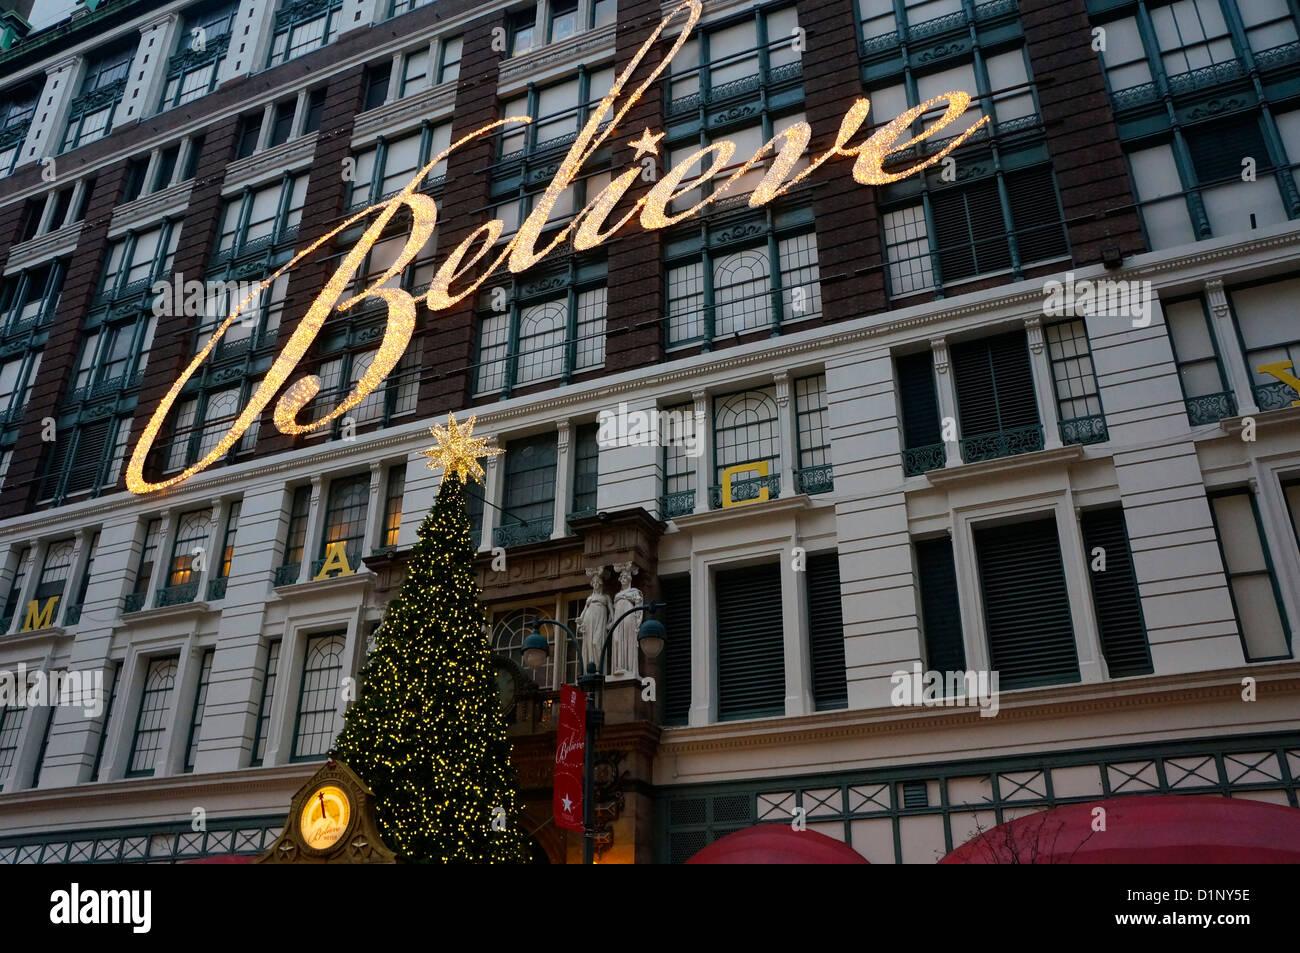 Weihnachten New York City Stockfotos & Weihnachten New York City ...